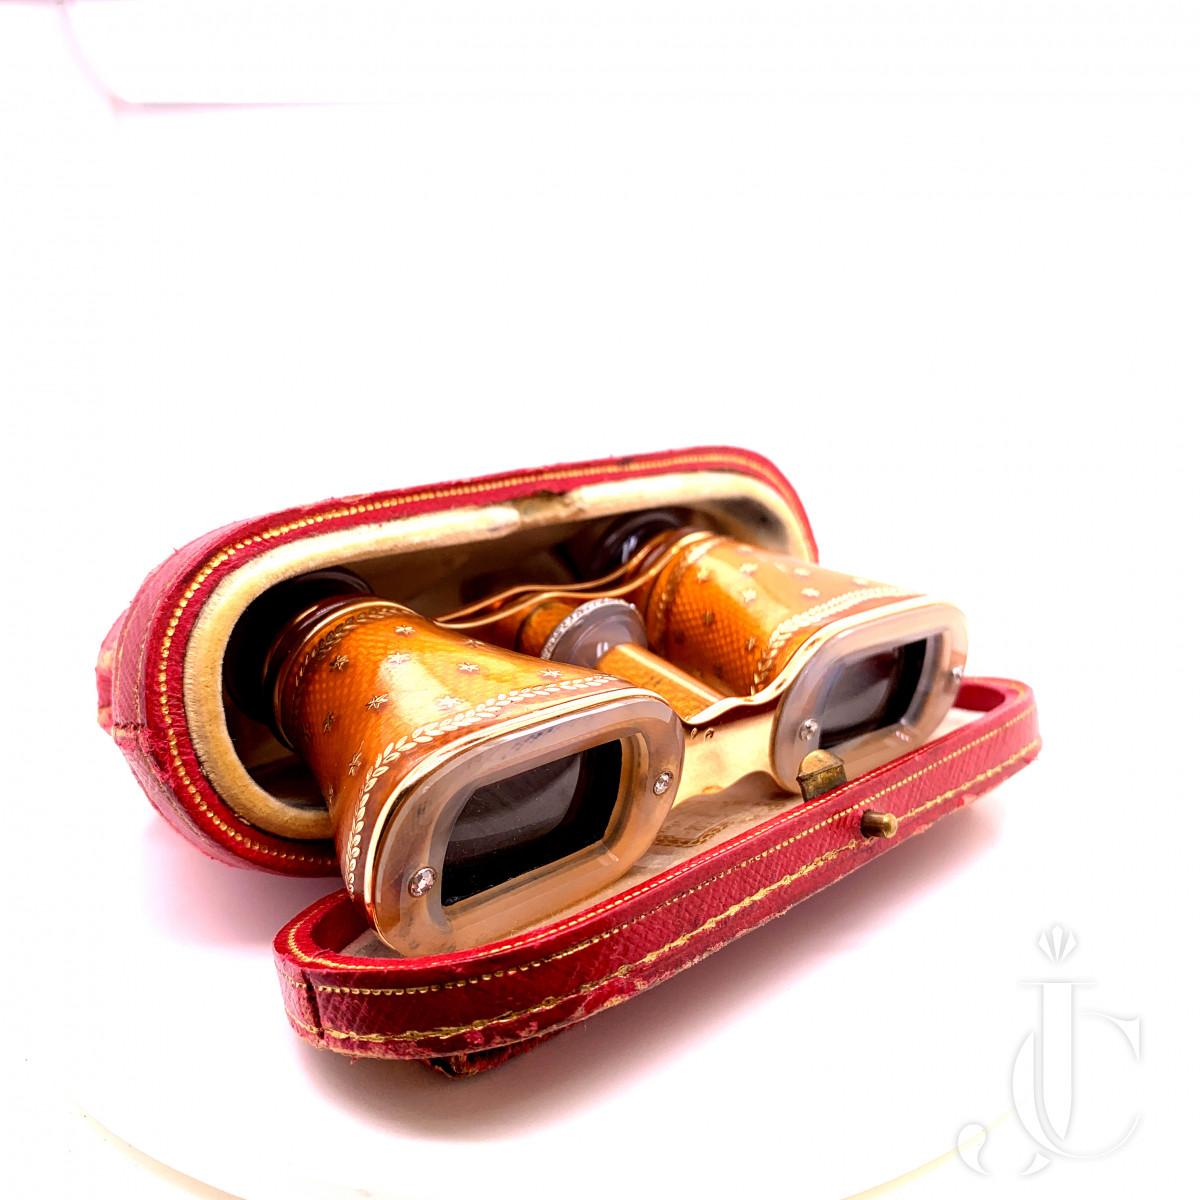 18k gold opera glasses, Guilloché gold,   agate, platinum, rose-cut diamonds.